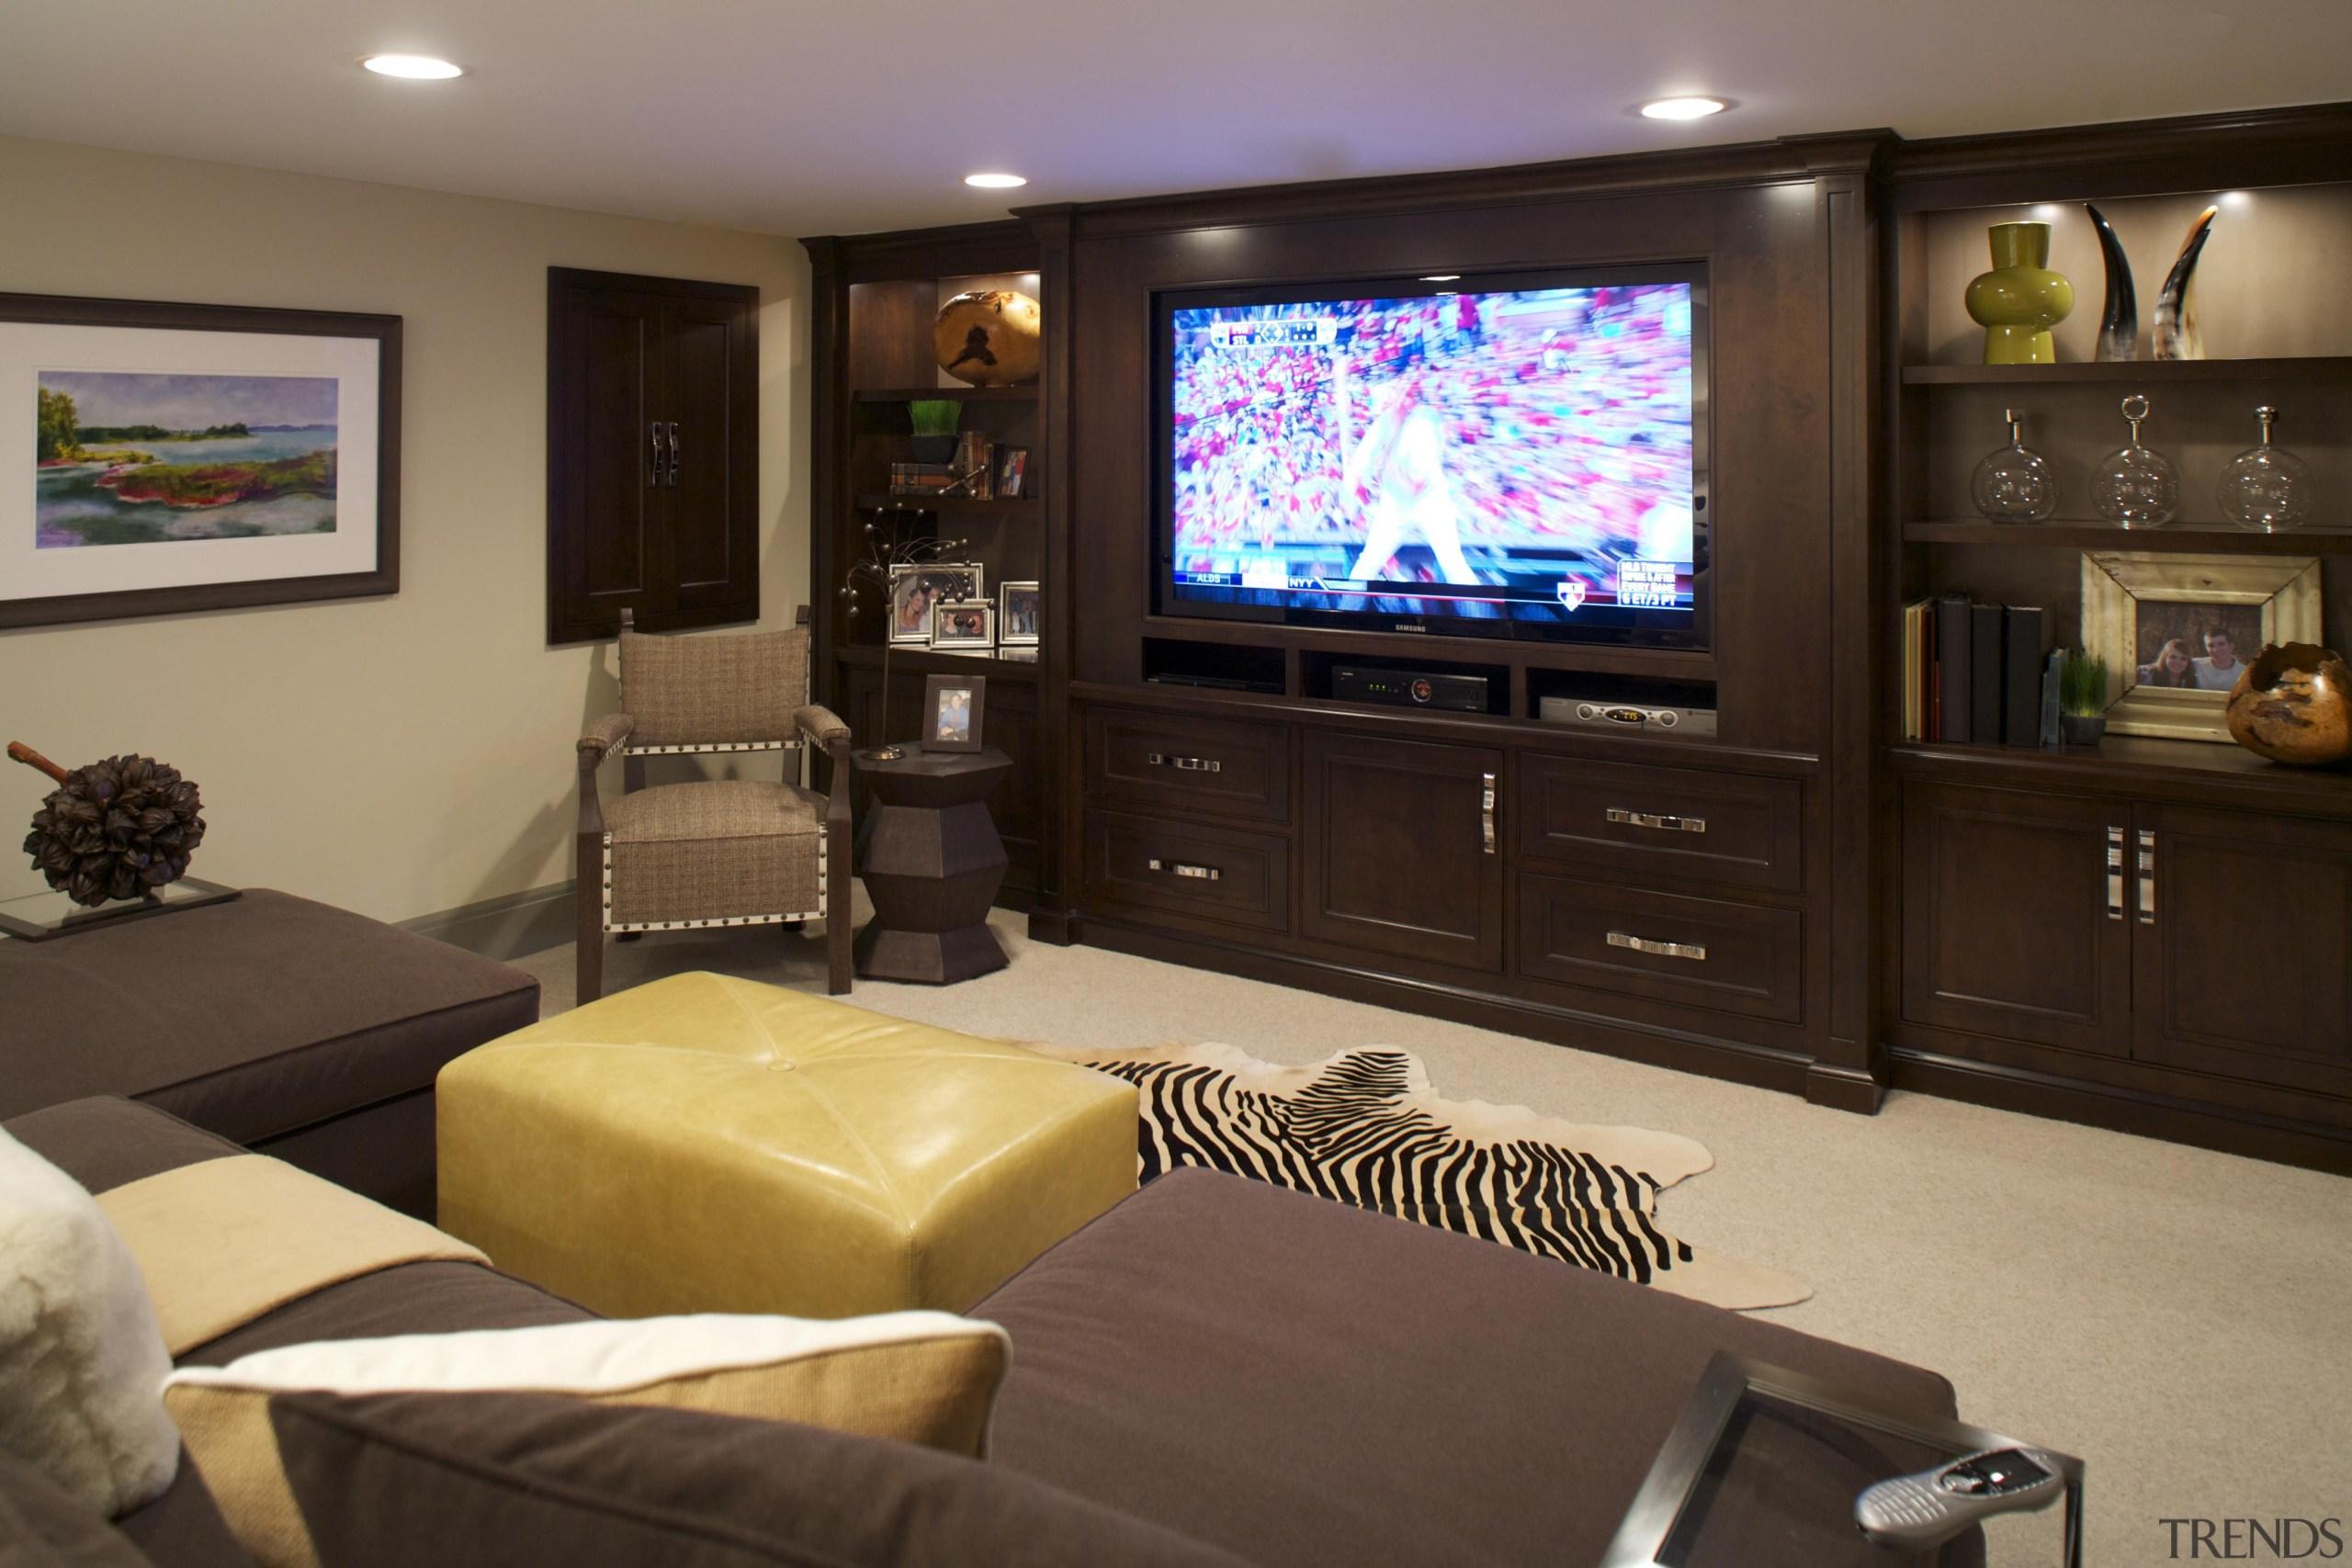 lange ct lower level6955removedspeakers.jpg - lange_ct_lower_level6955removedspeakers.jpg - entertainment entertainment, interior design, living room, room, black, brown